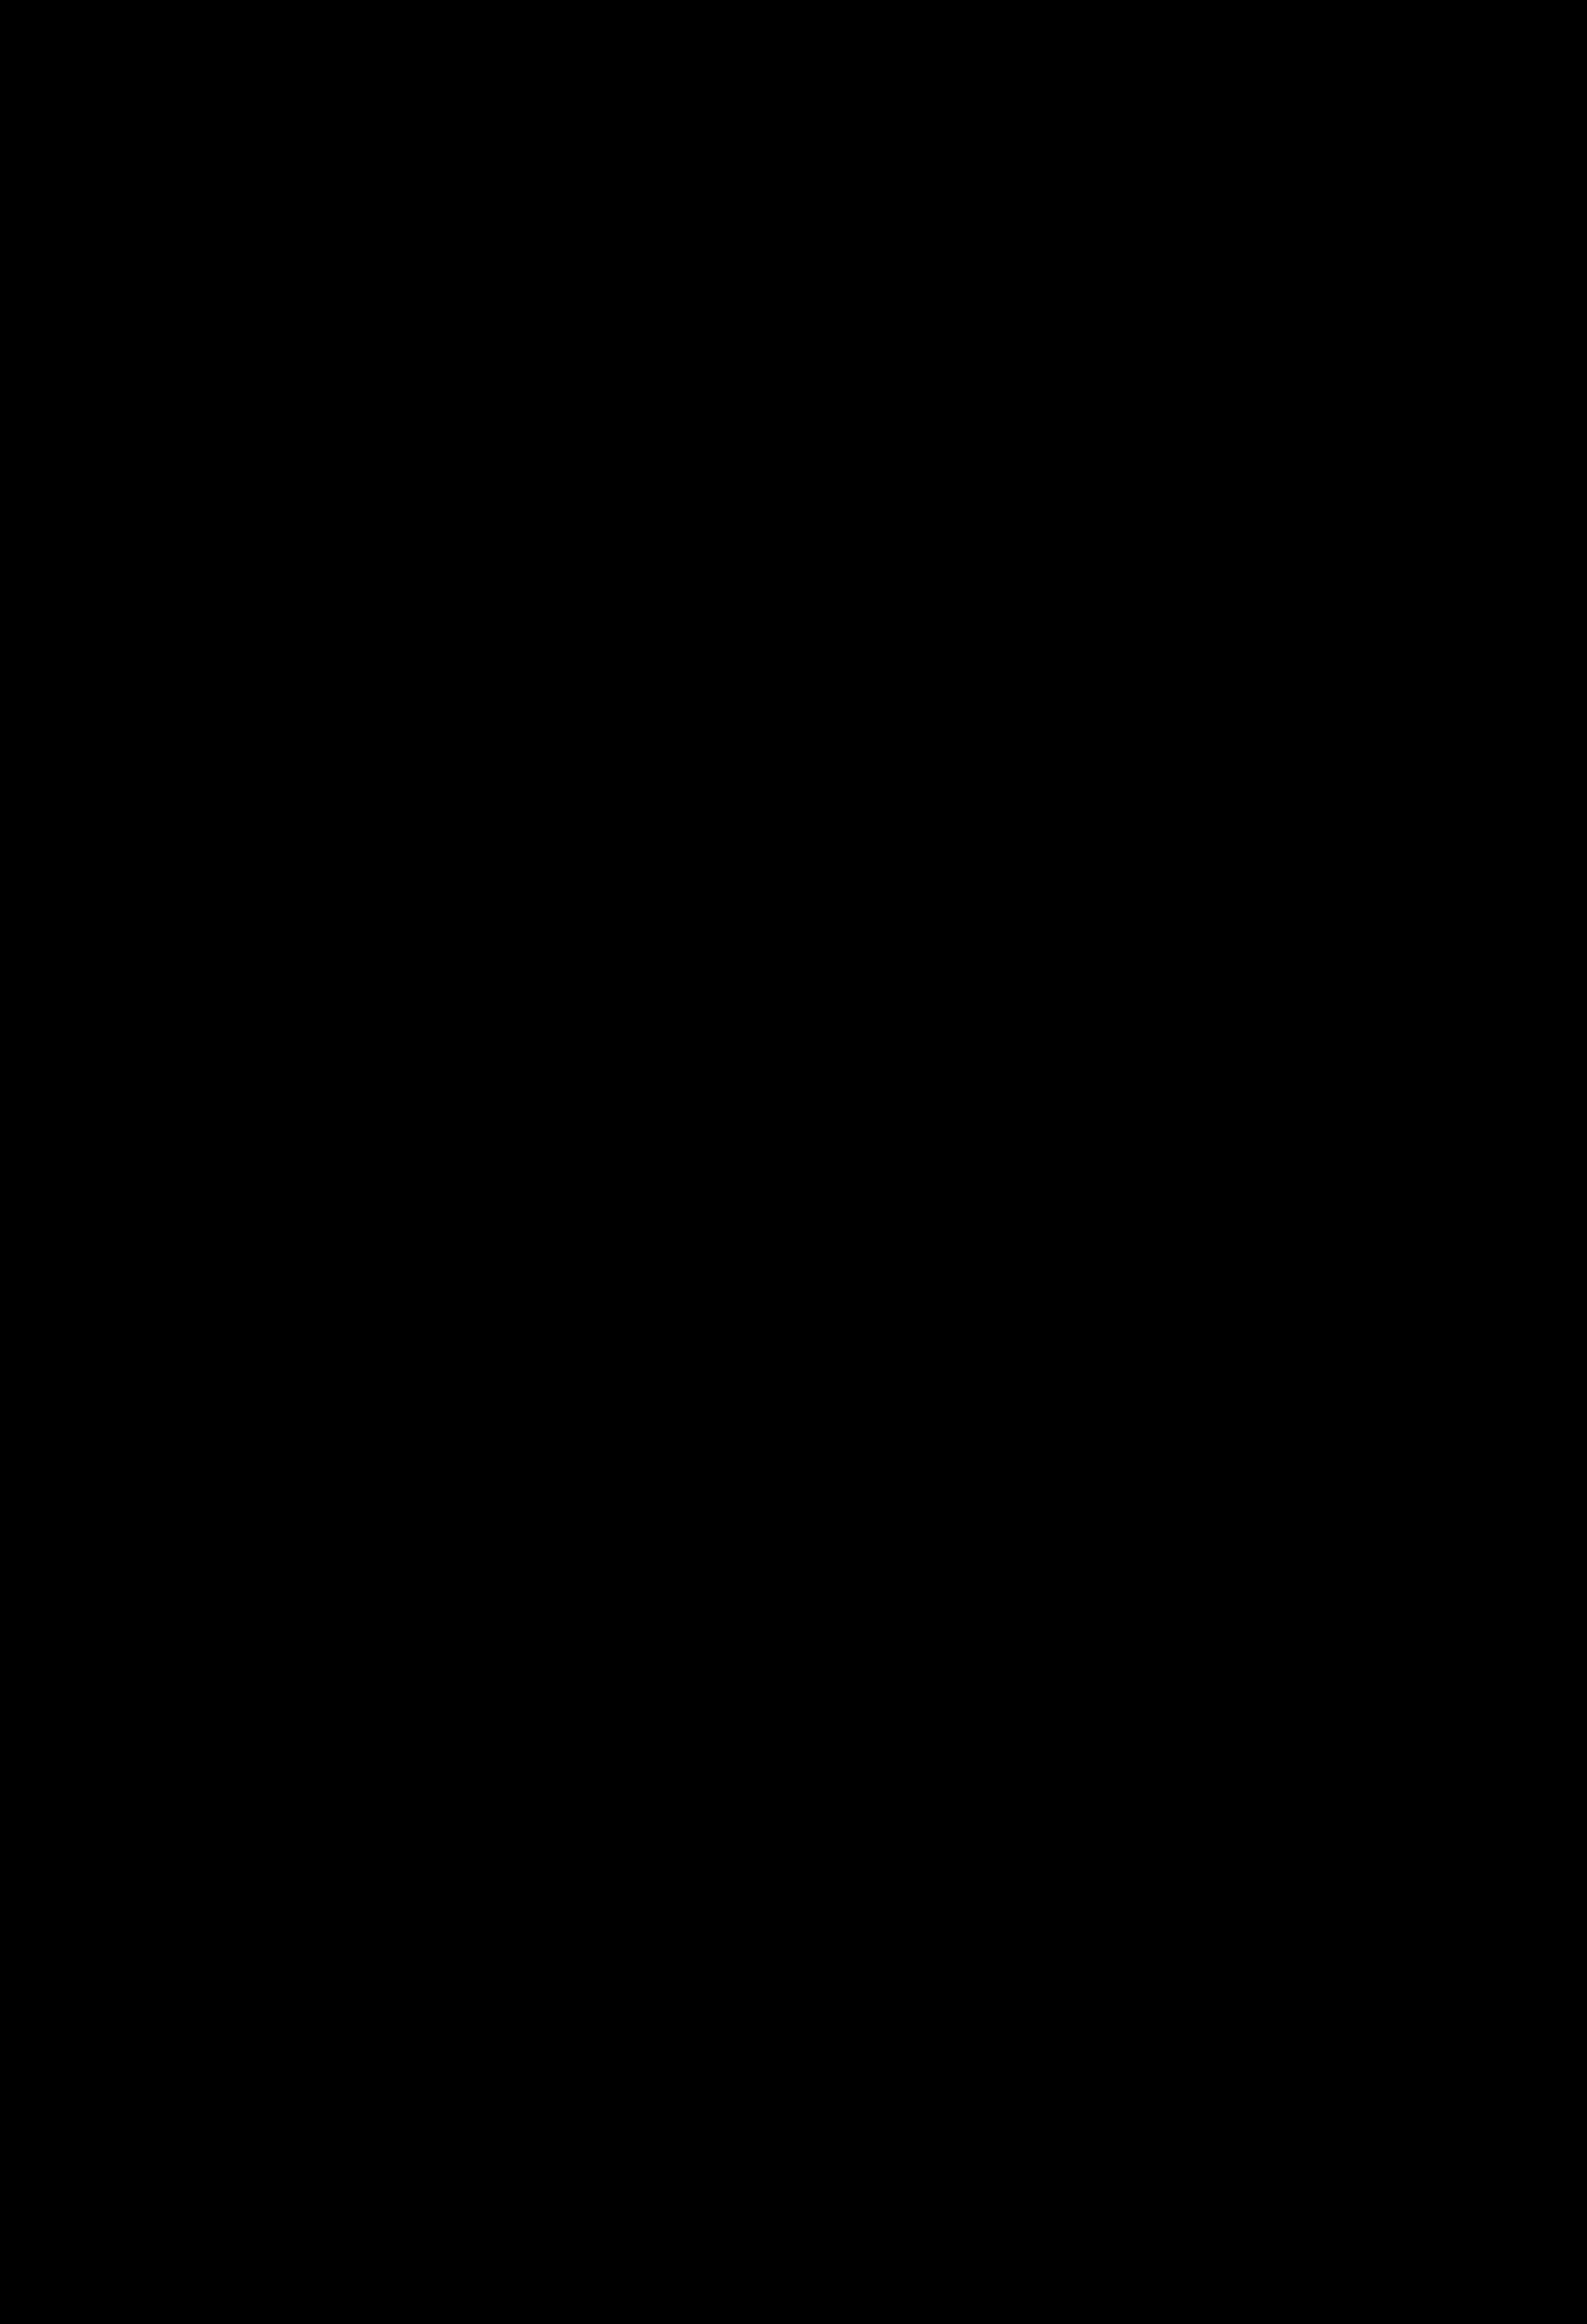 pot-plant-silhouette-1.png